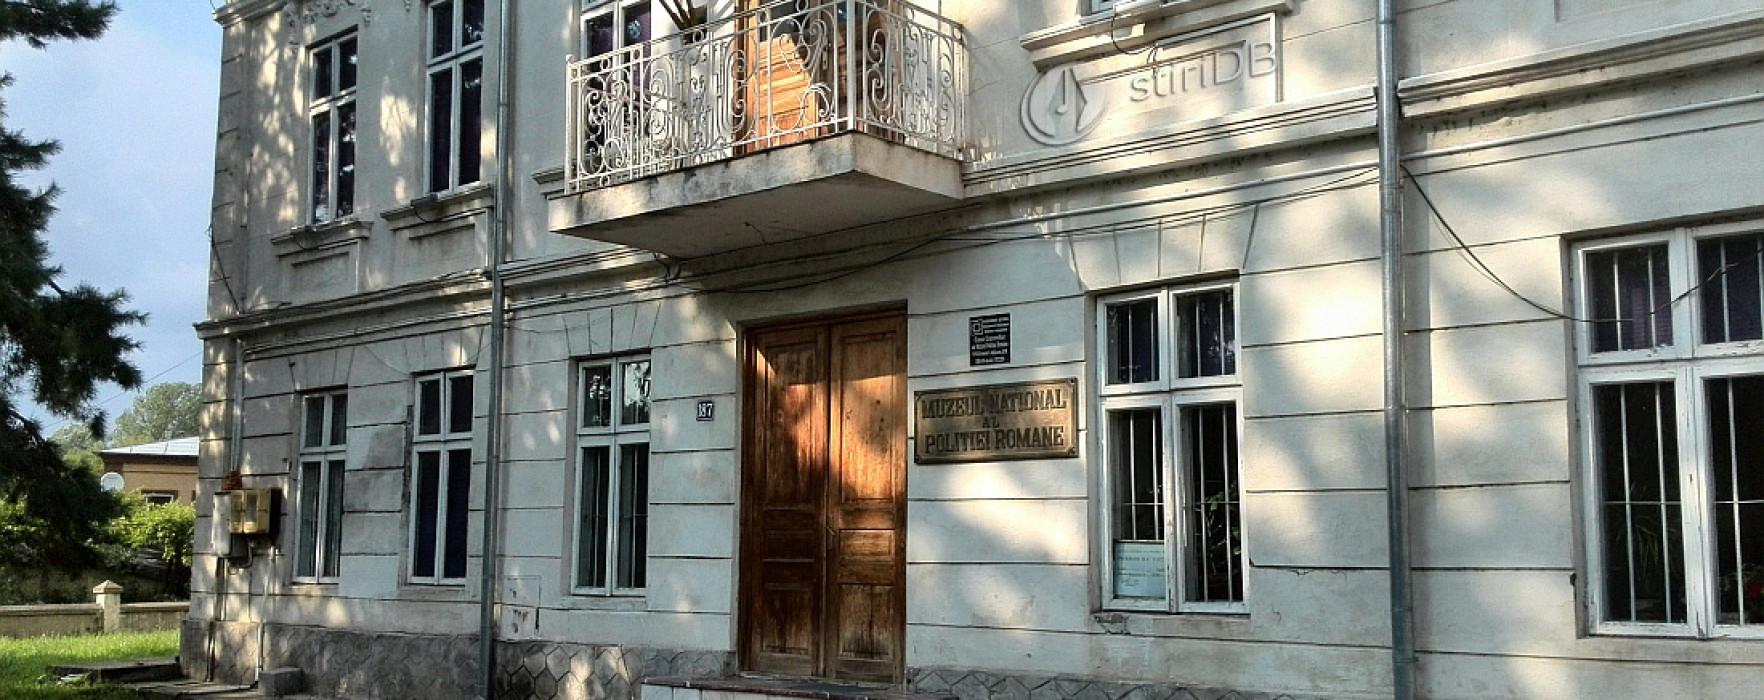 Muzeul Poliţiei din Târgovişte, singurul din ţară cu acest profil / Târgovişte – ghid de oraș